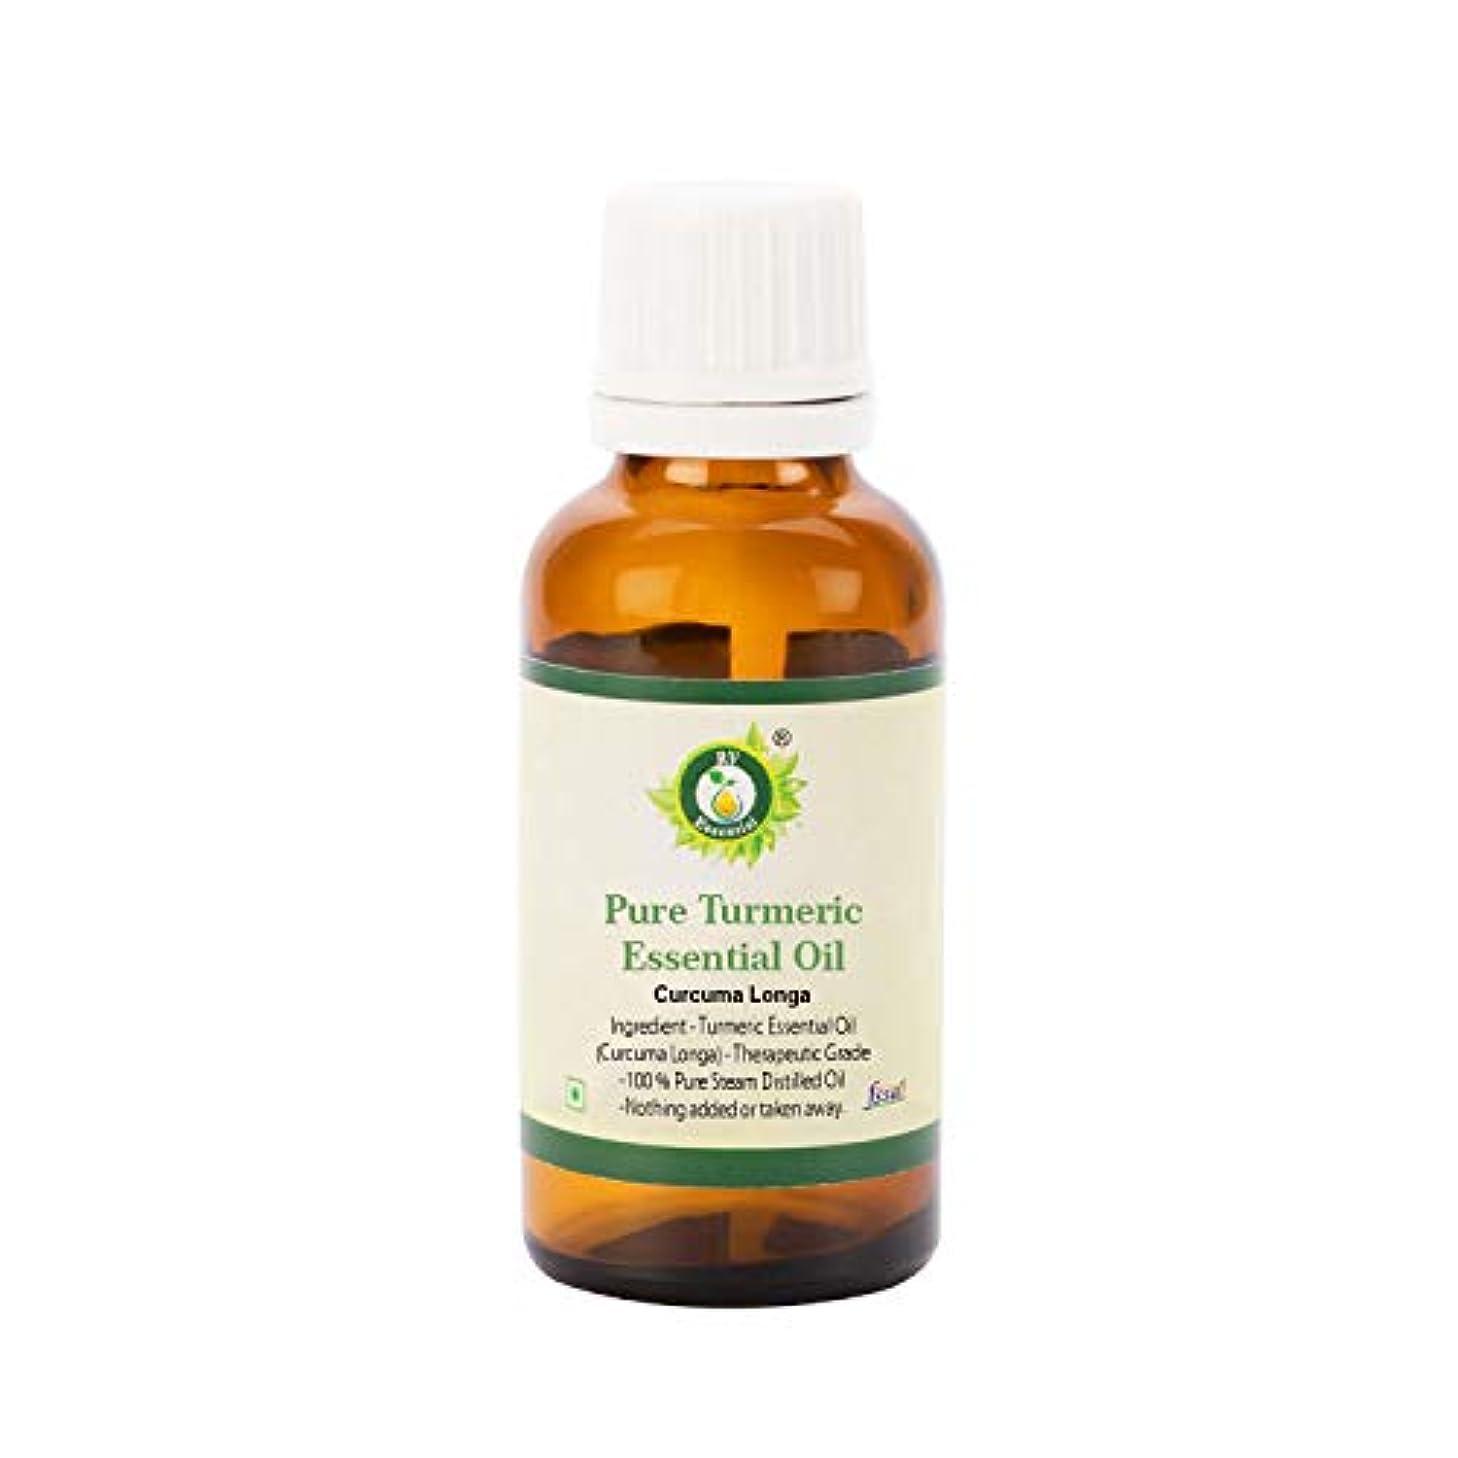 関係家事特別にR V Essential 純粋なウコン精油5ml (0.169oz)- Curcuma Longa (100%純粋&天然スチームDistilled) Pure Turmeric Essential Oil